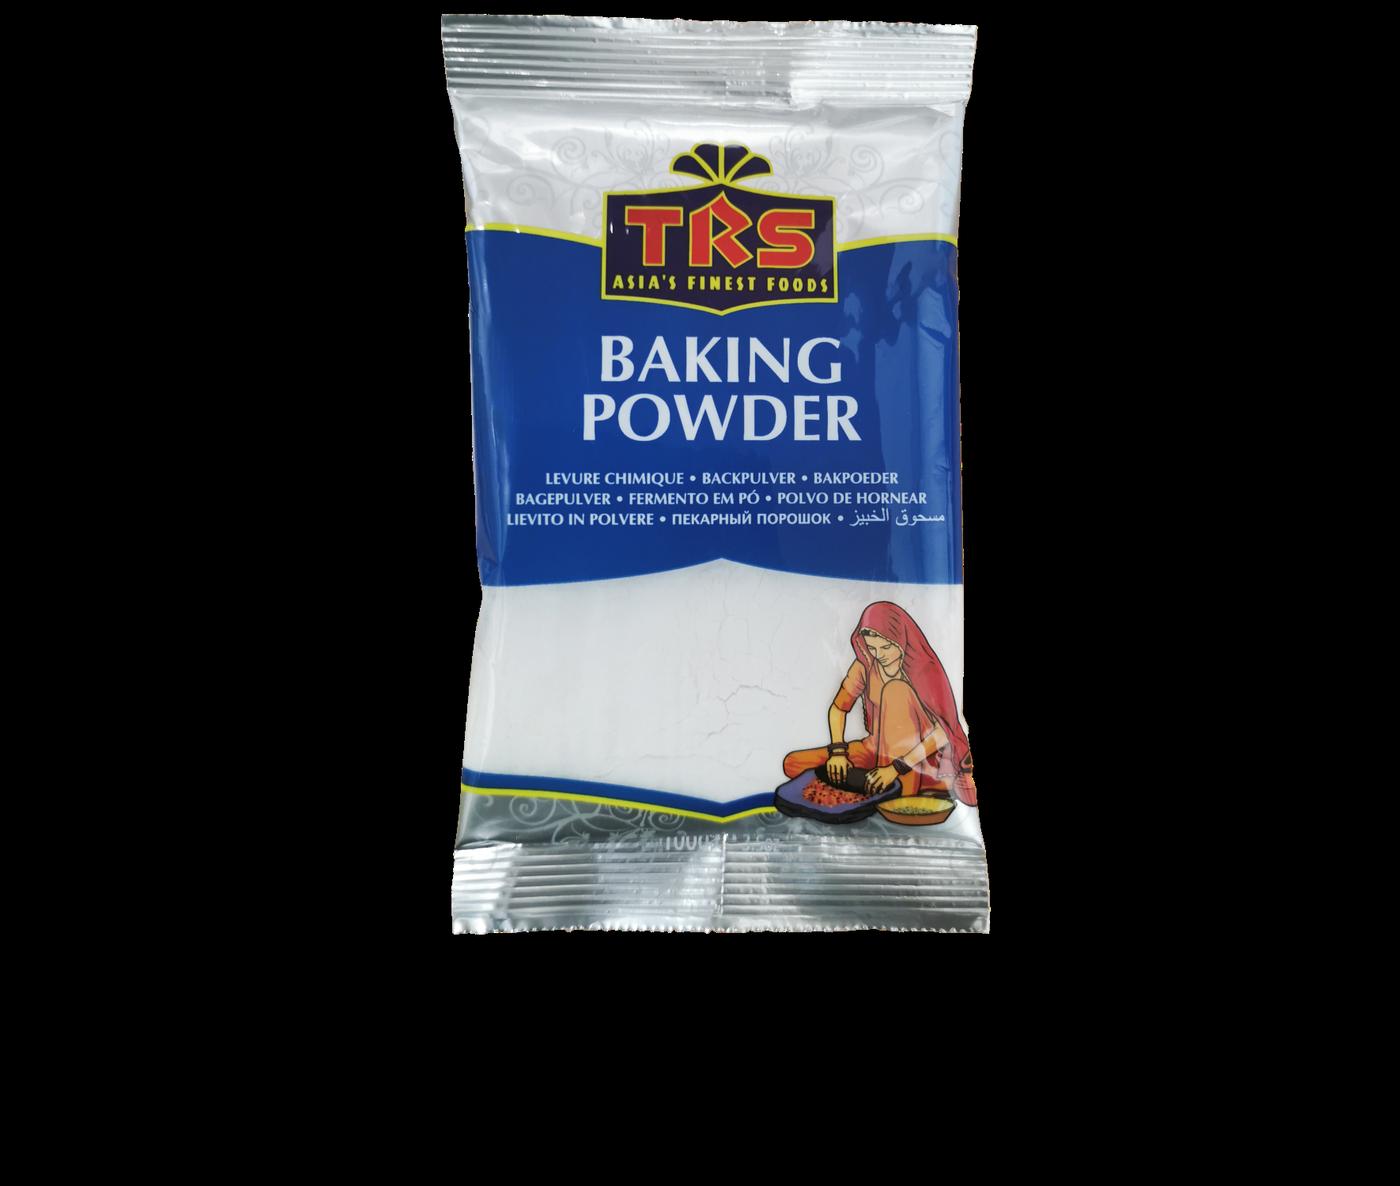 TRS Baking Powder